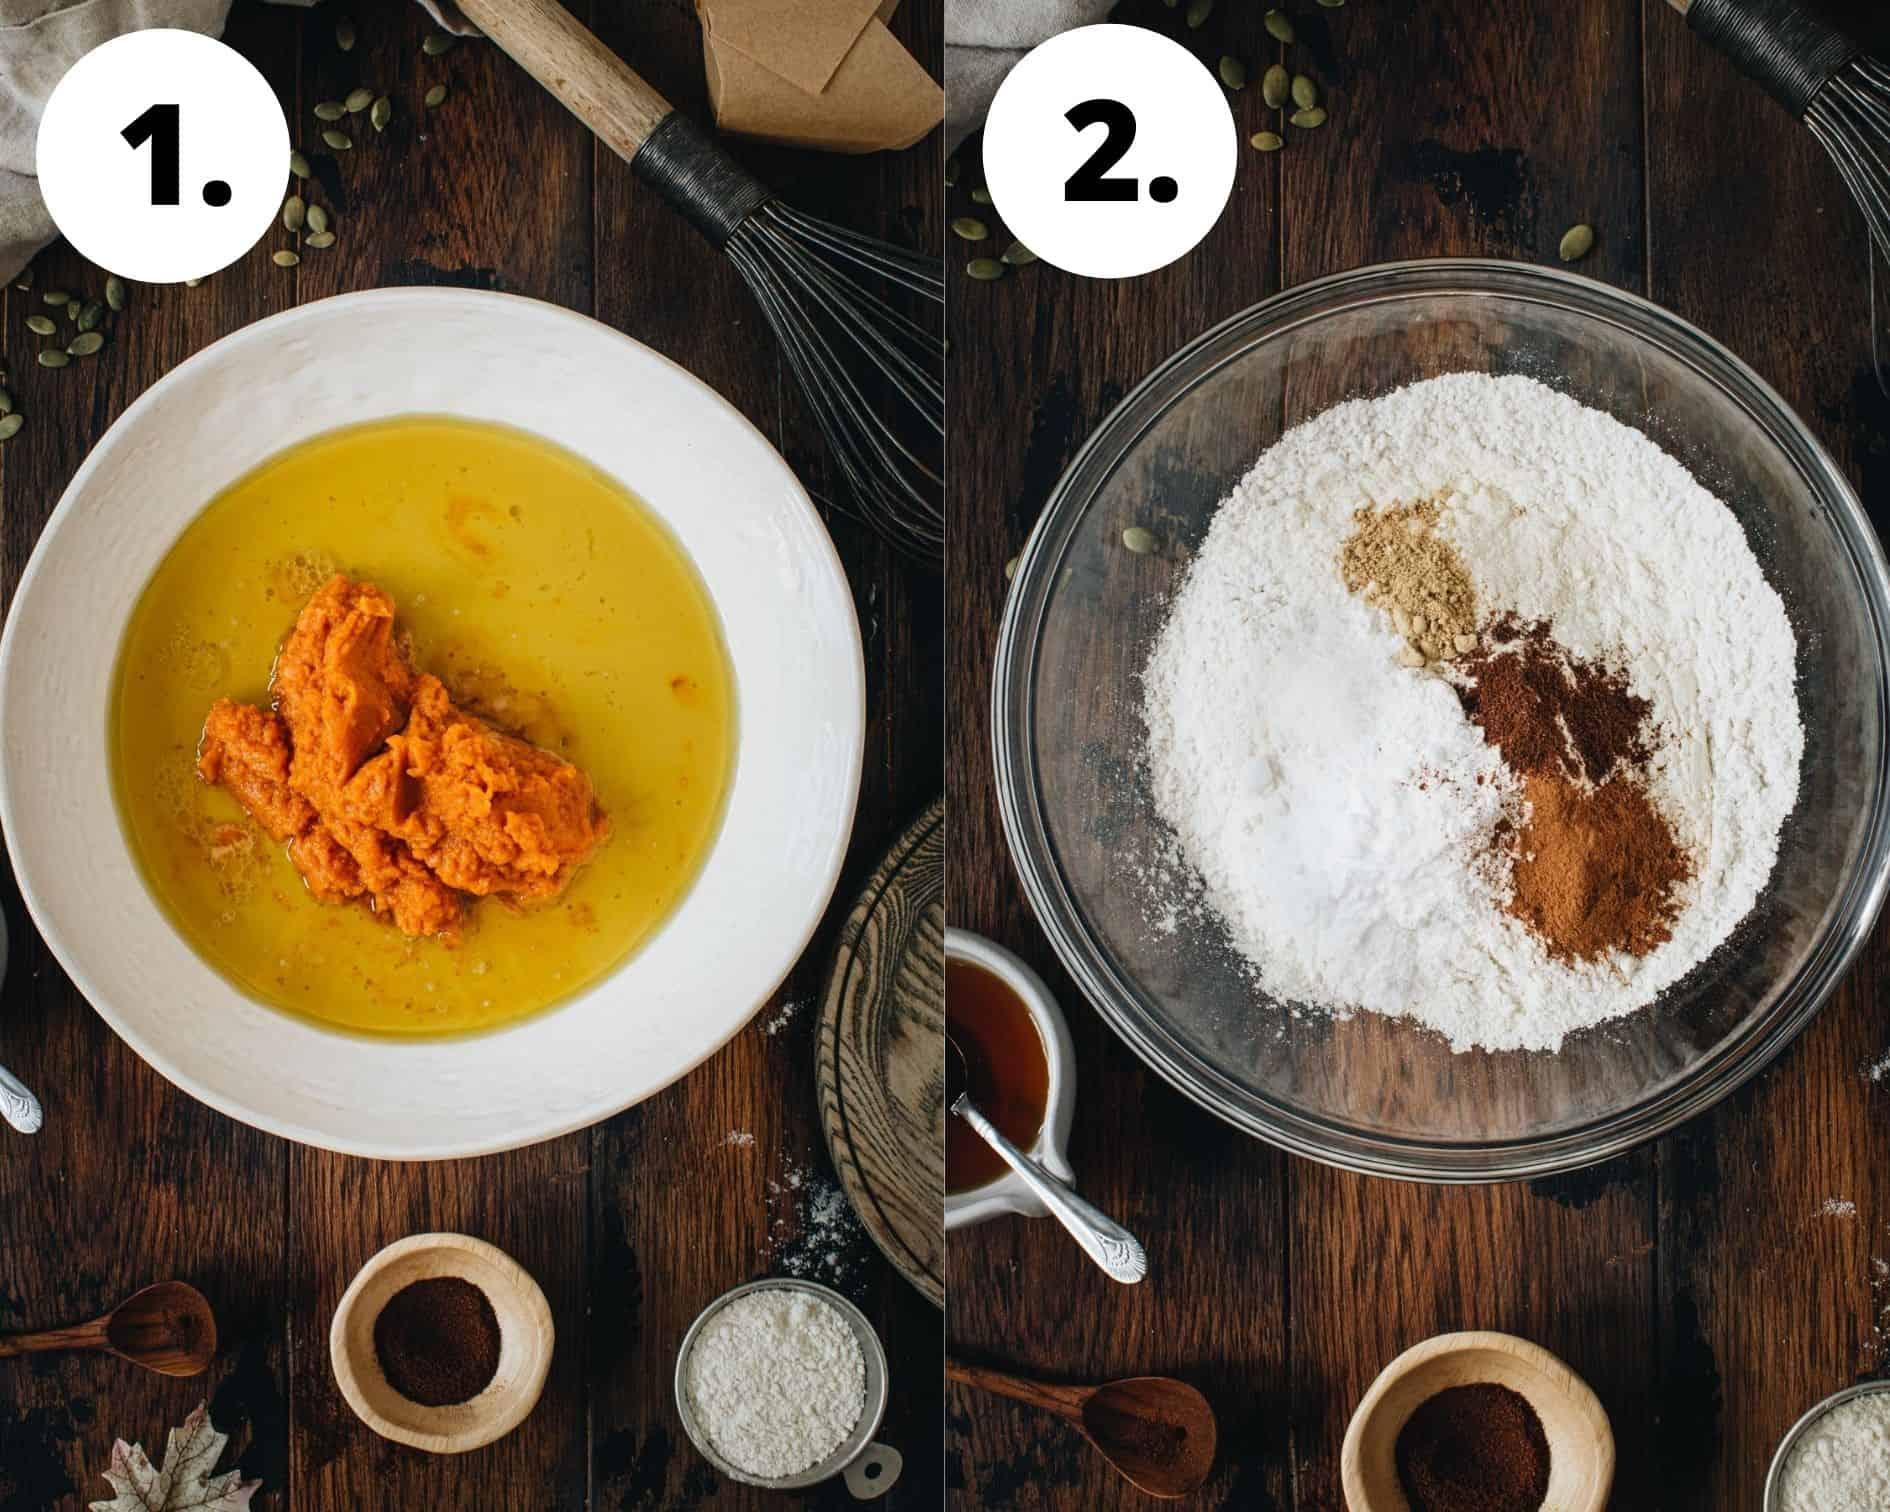 Vegan pumpkin muffins process steps 1 and 2.